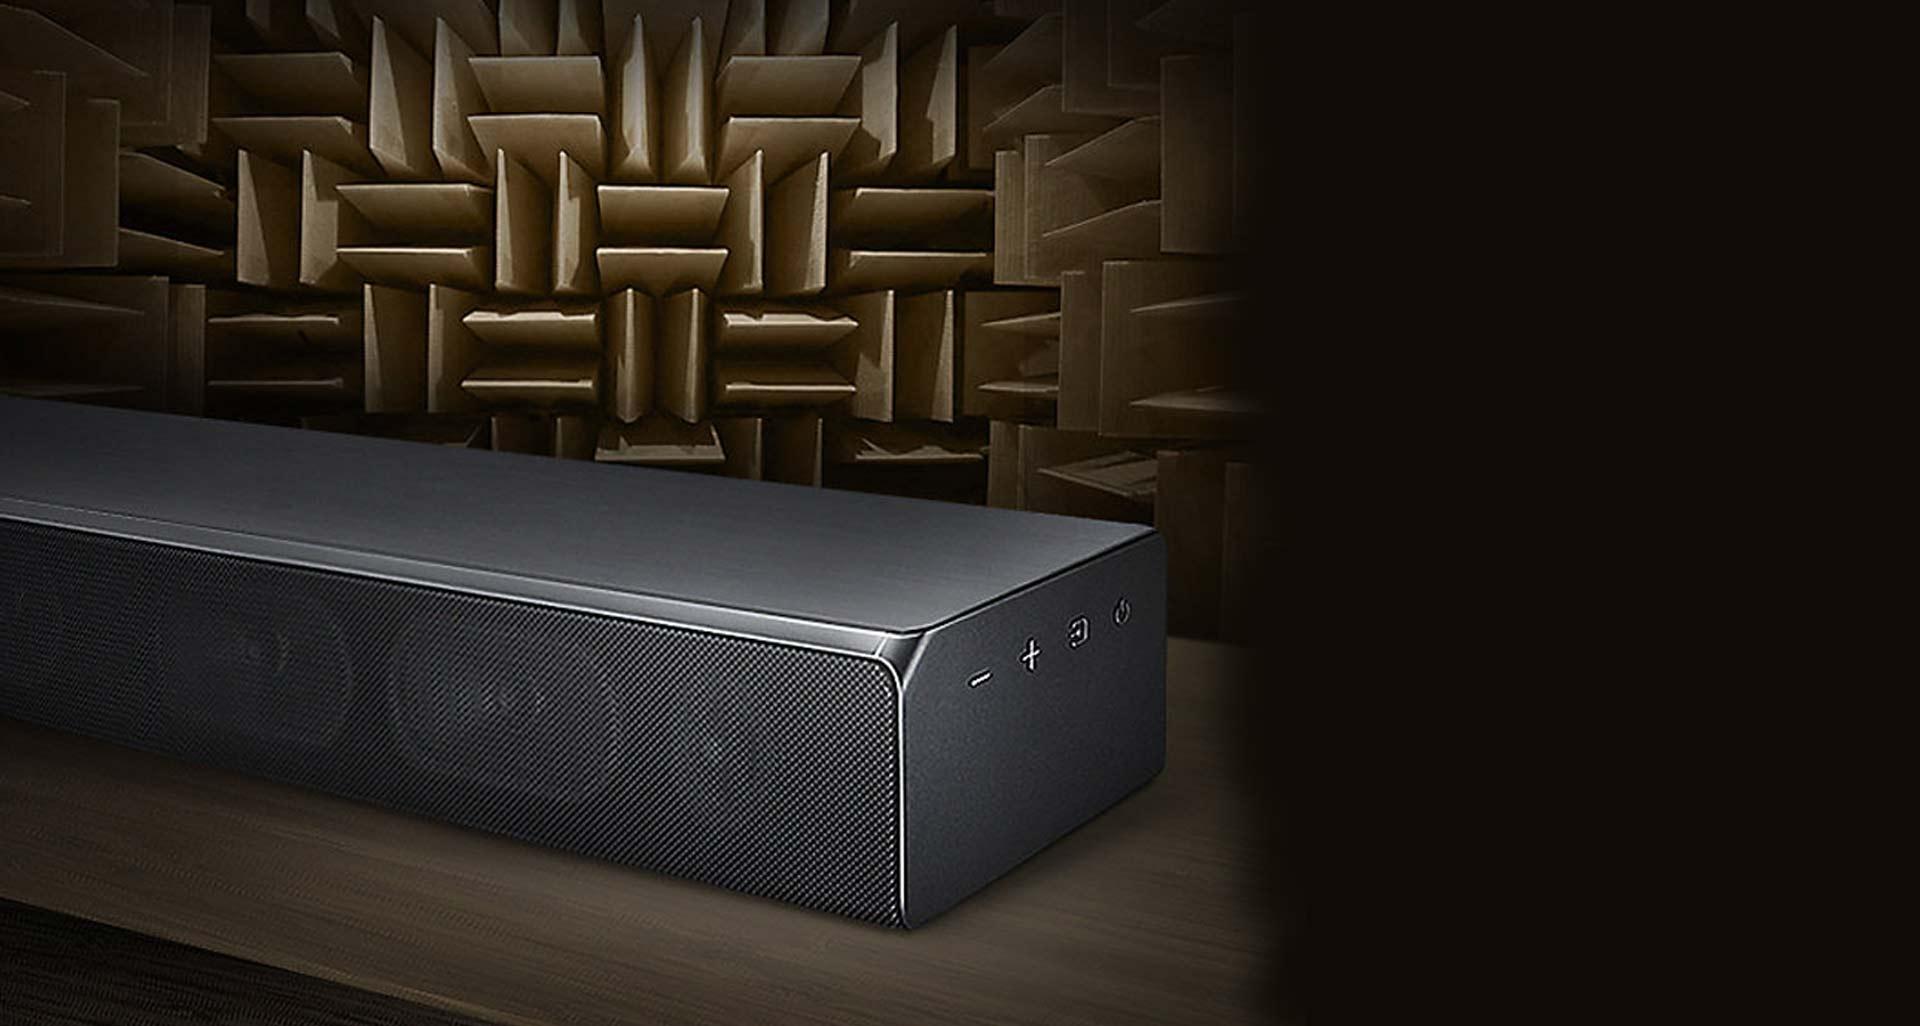 فناوری صوتی بی نظیر ساندبار MS650